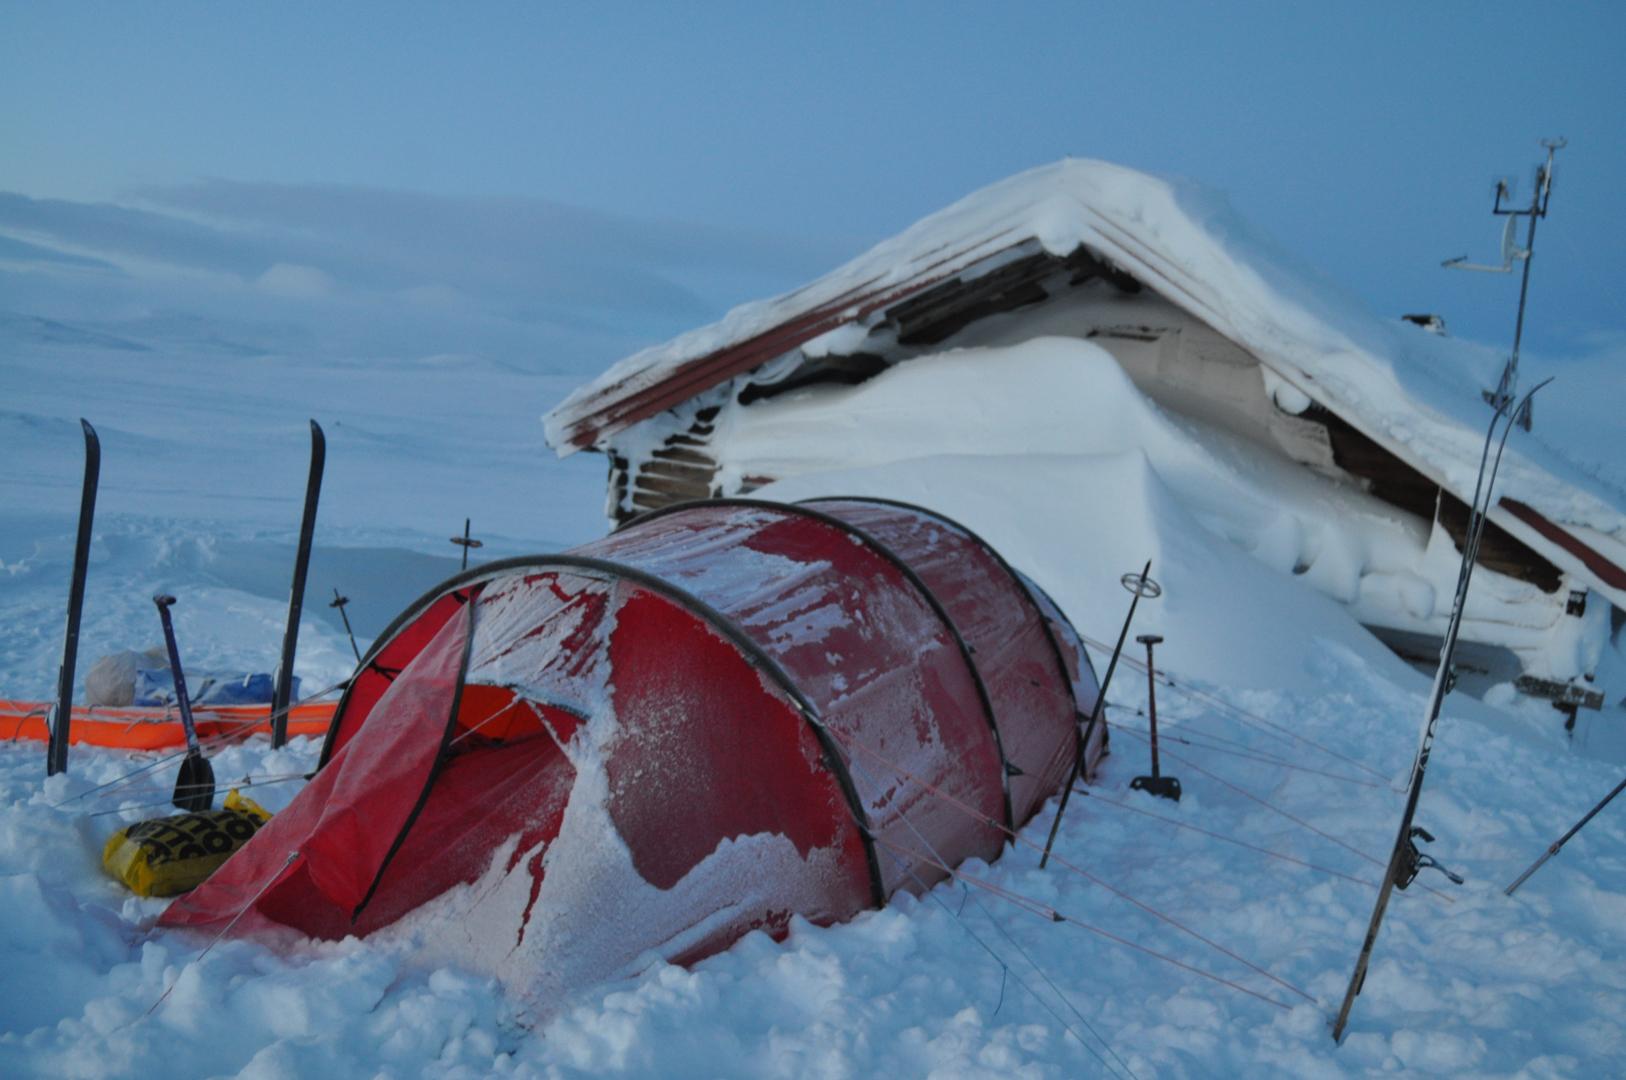 3ae5bdae Et pålideligt telt er et must i hårdt vintervejr på fjeldet. Her bruges en  lille hytte som læmur. Foto: Tobias Tybjerg Christensen.